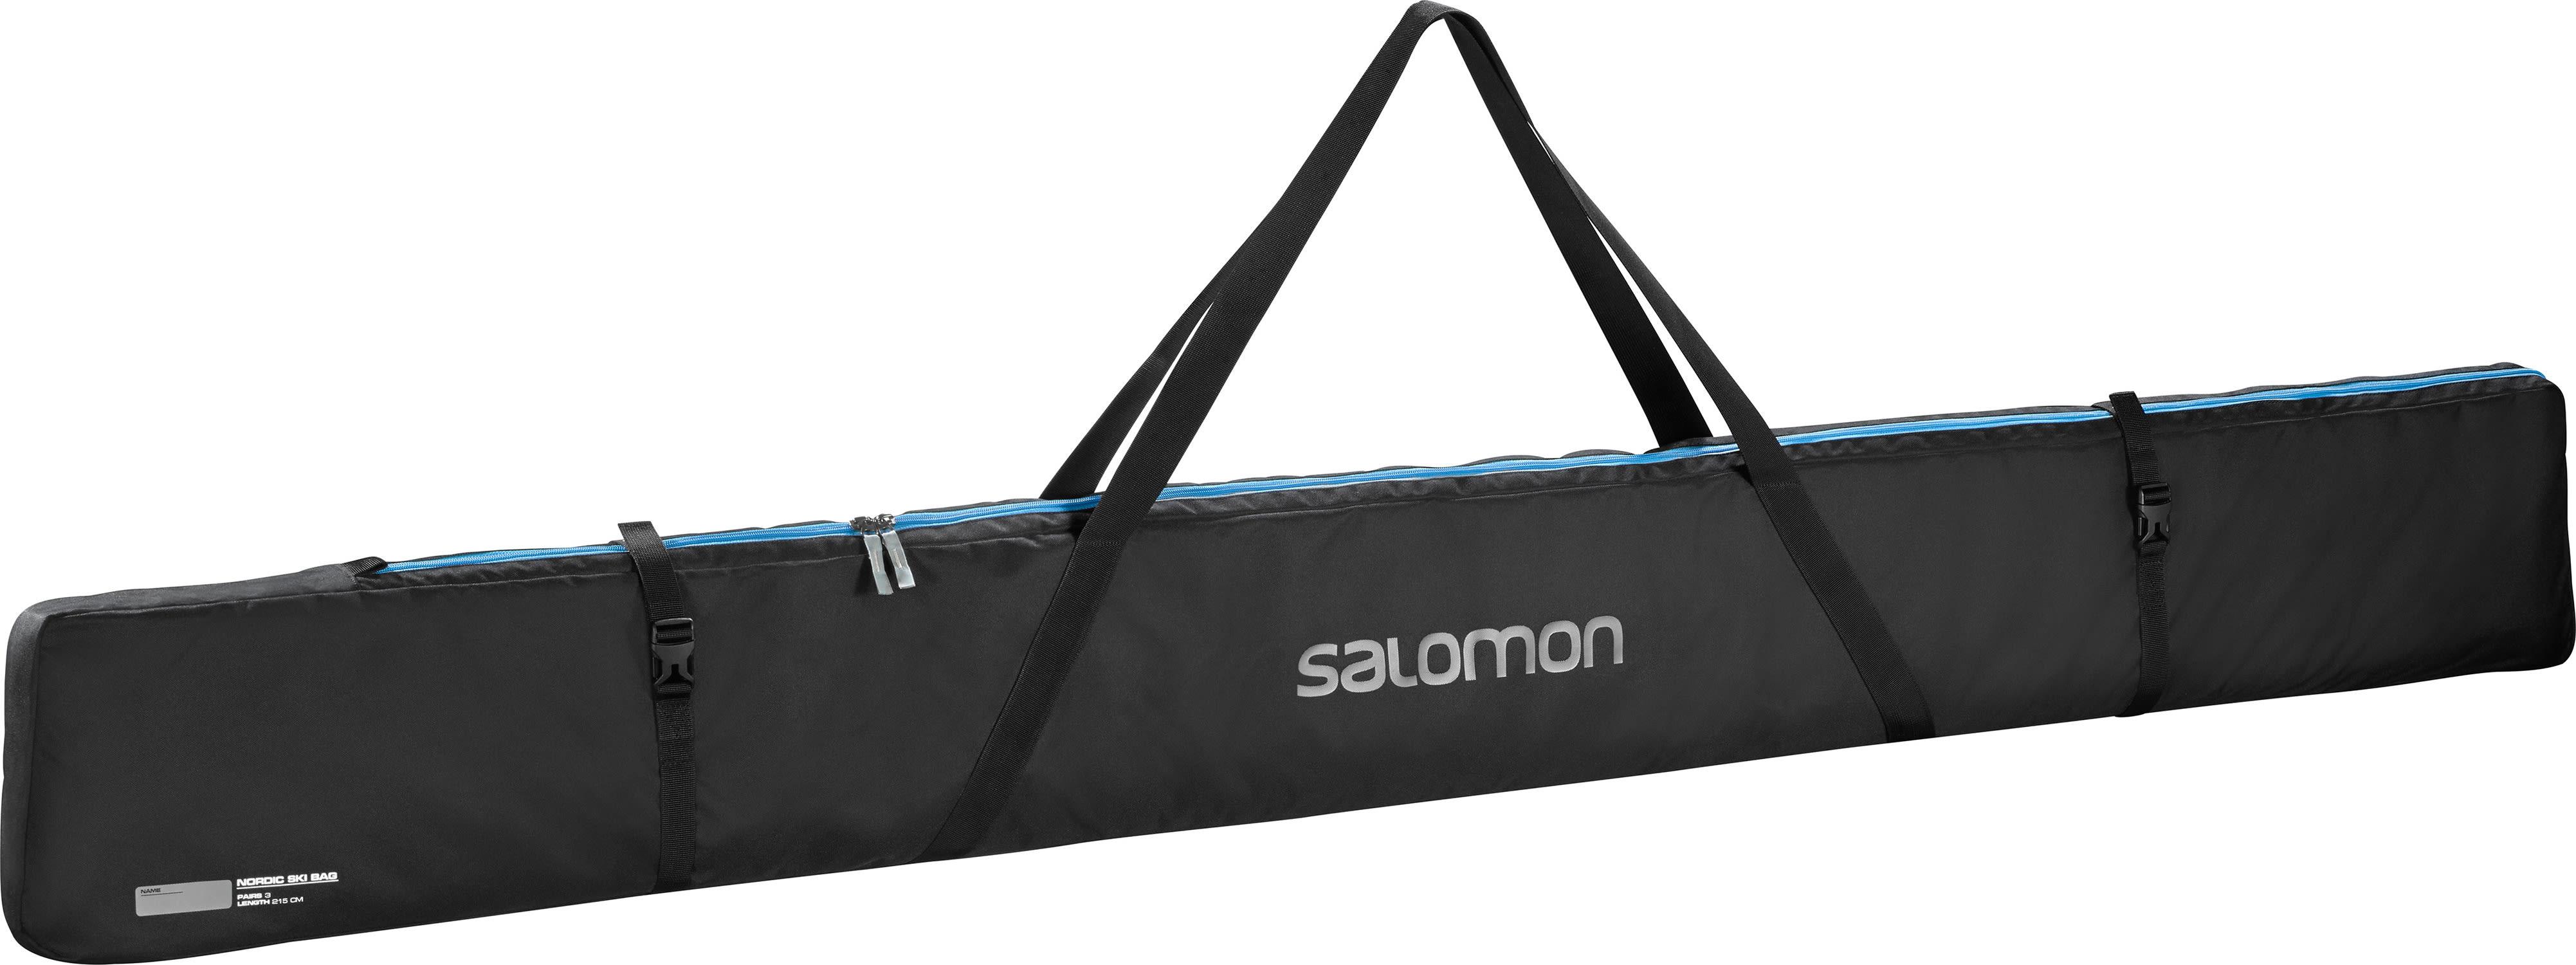 Salomon Nordic 3 Pairs 215 Xc Ski Bag 2019